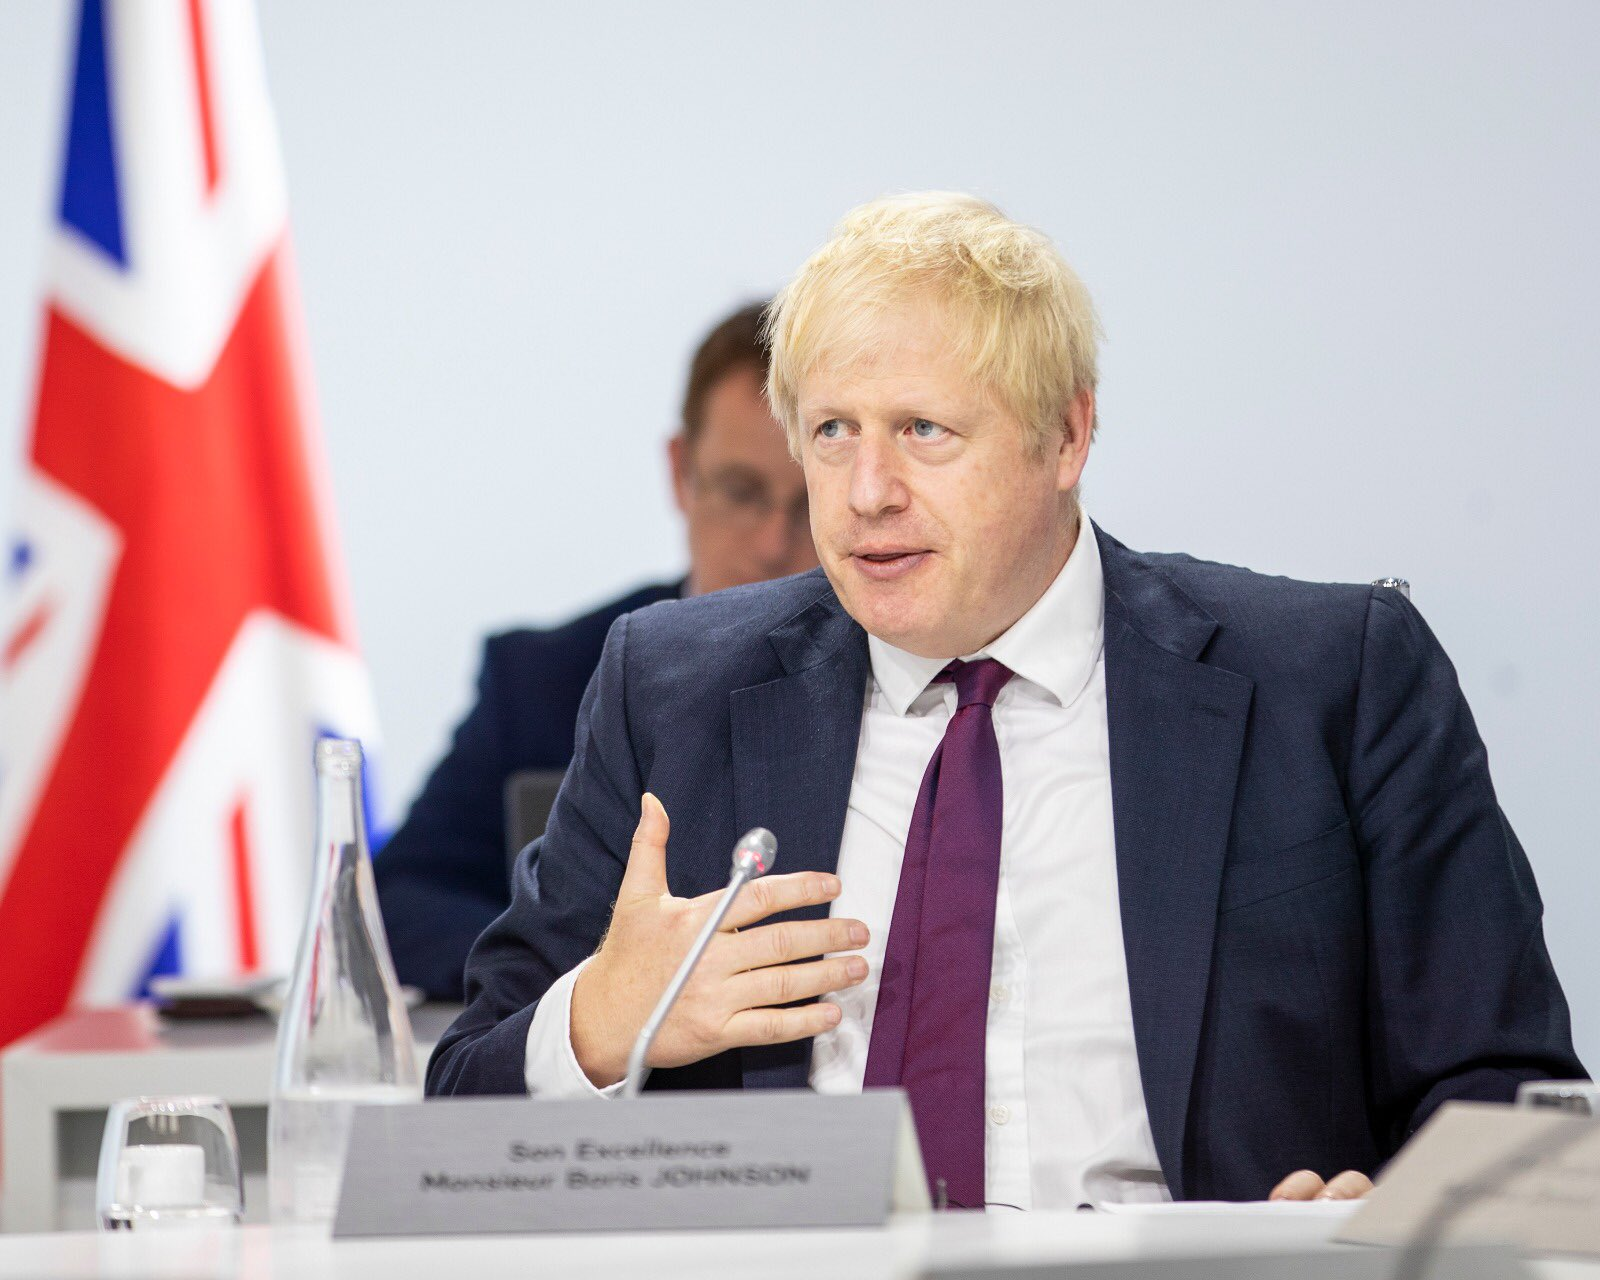 Czy Boris Johnson chce uniemożliwić parlamentowi, by ten zakazał mu opuszczenia UE bez umowy